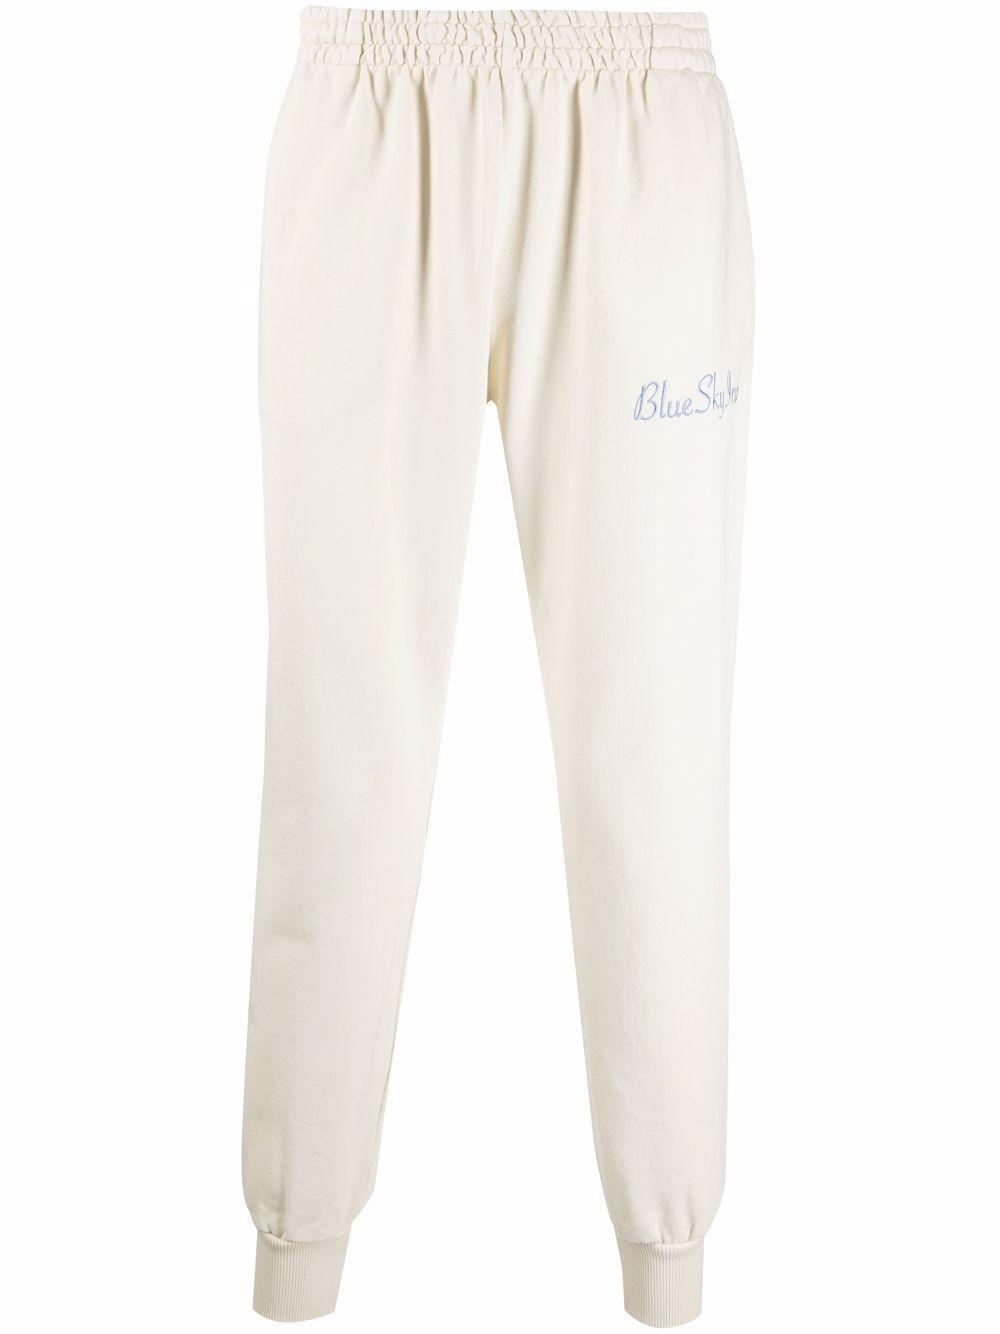 Pantalone tuta in cotone